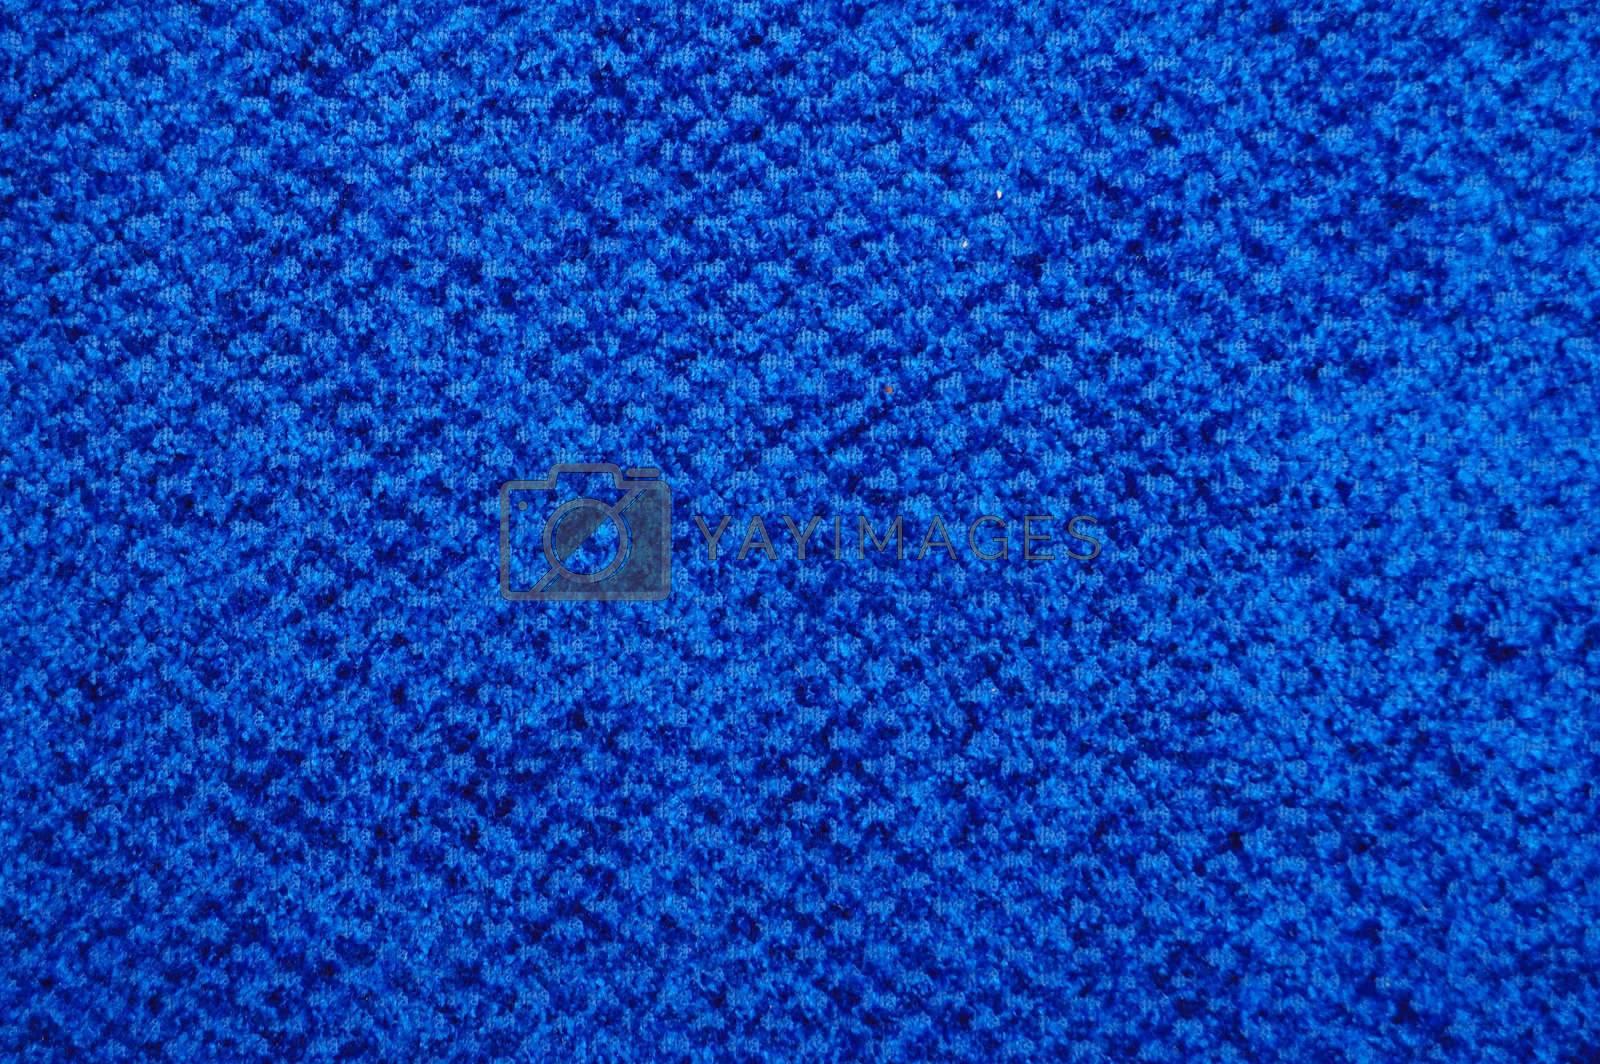 Blue textile background